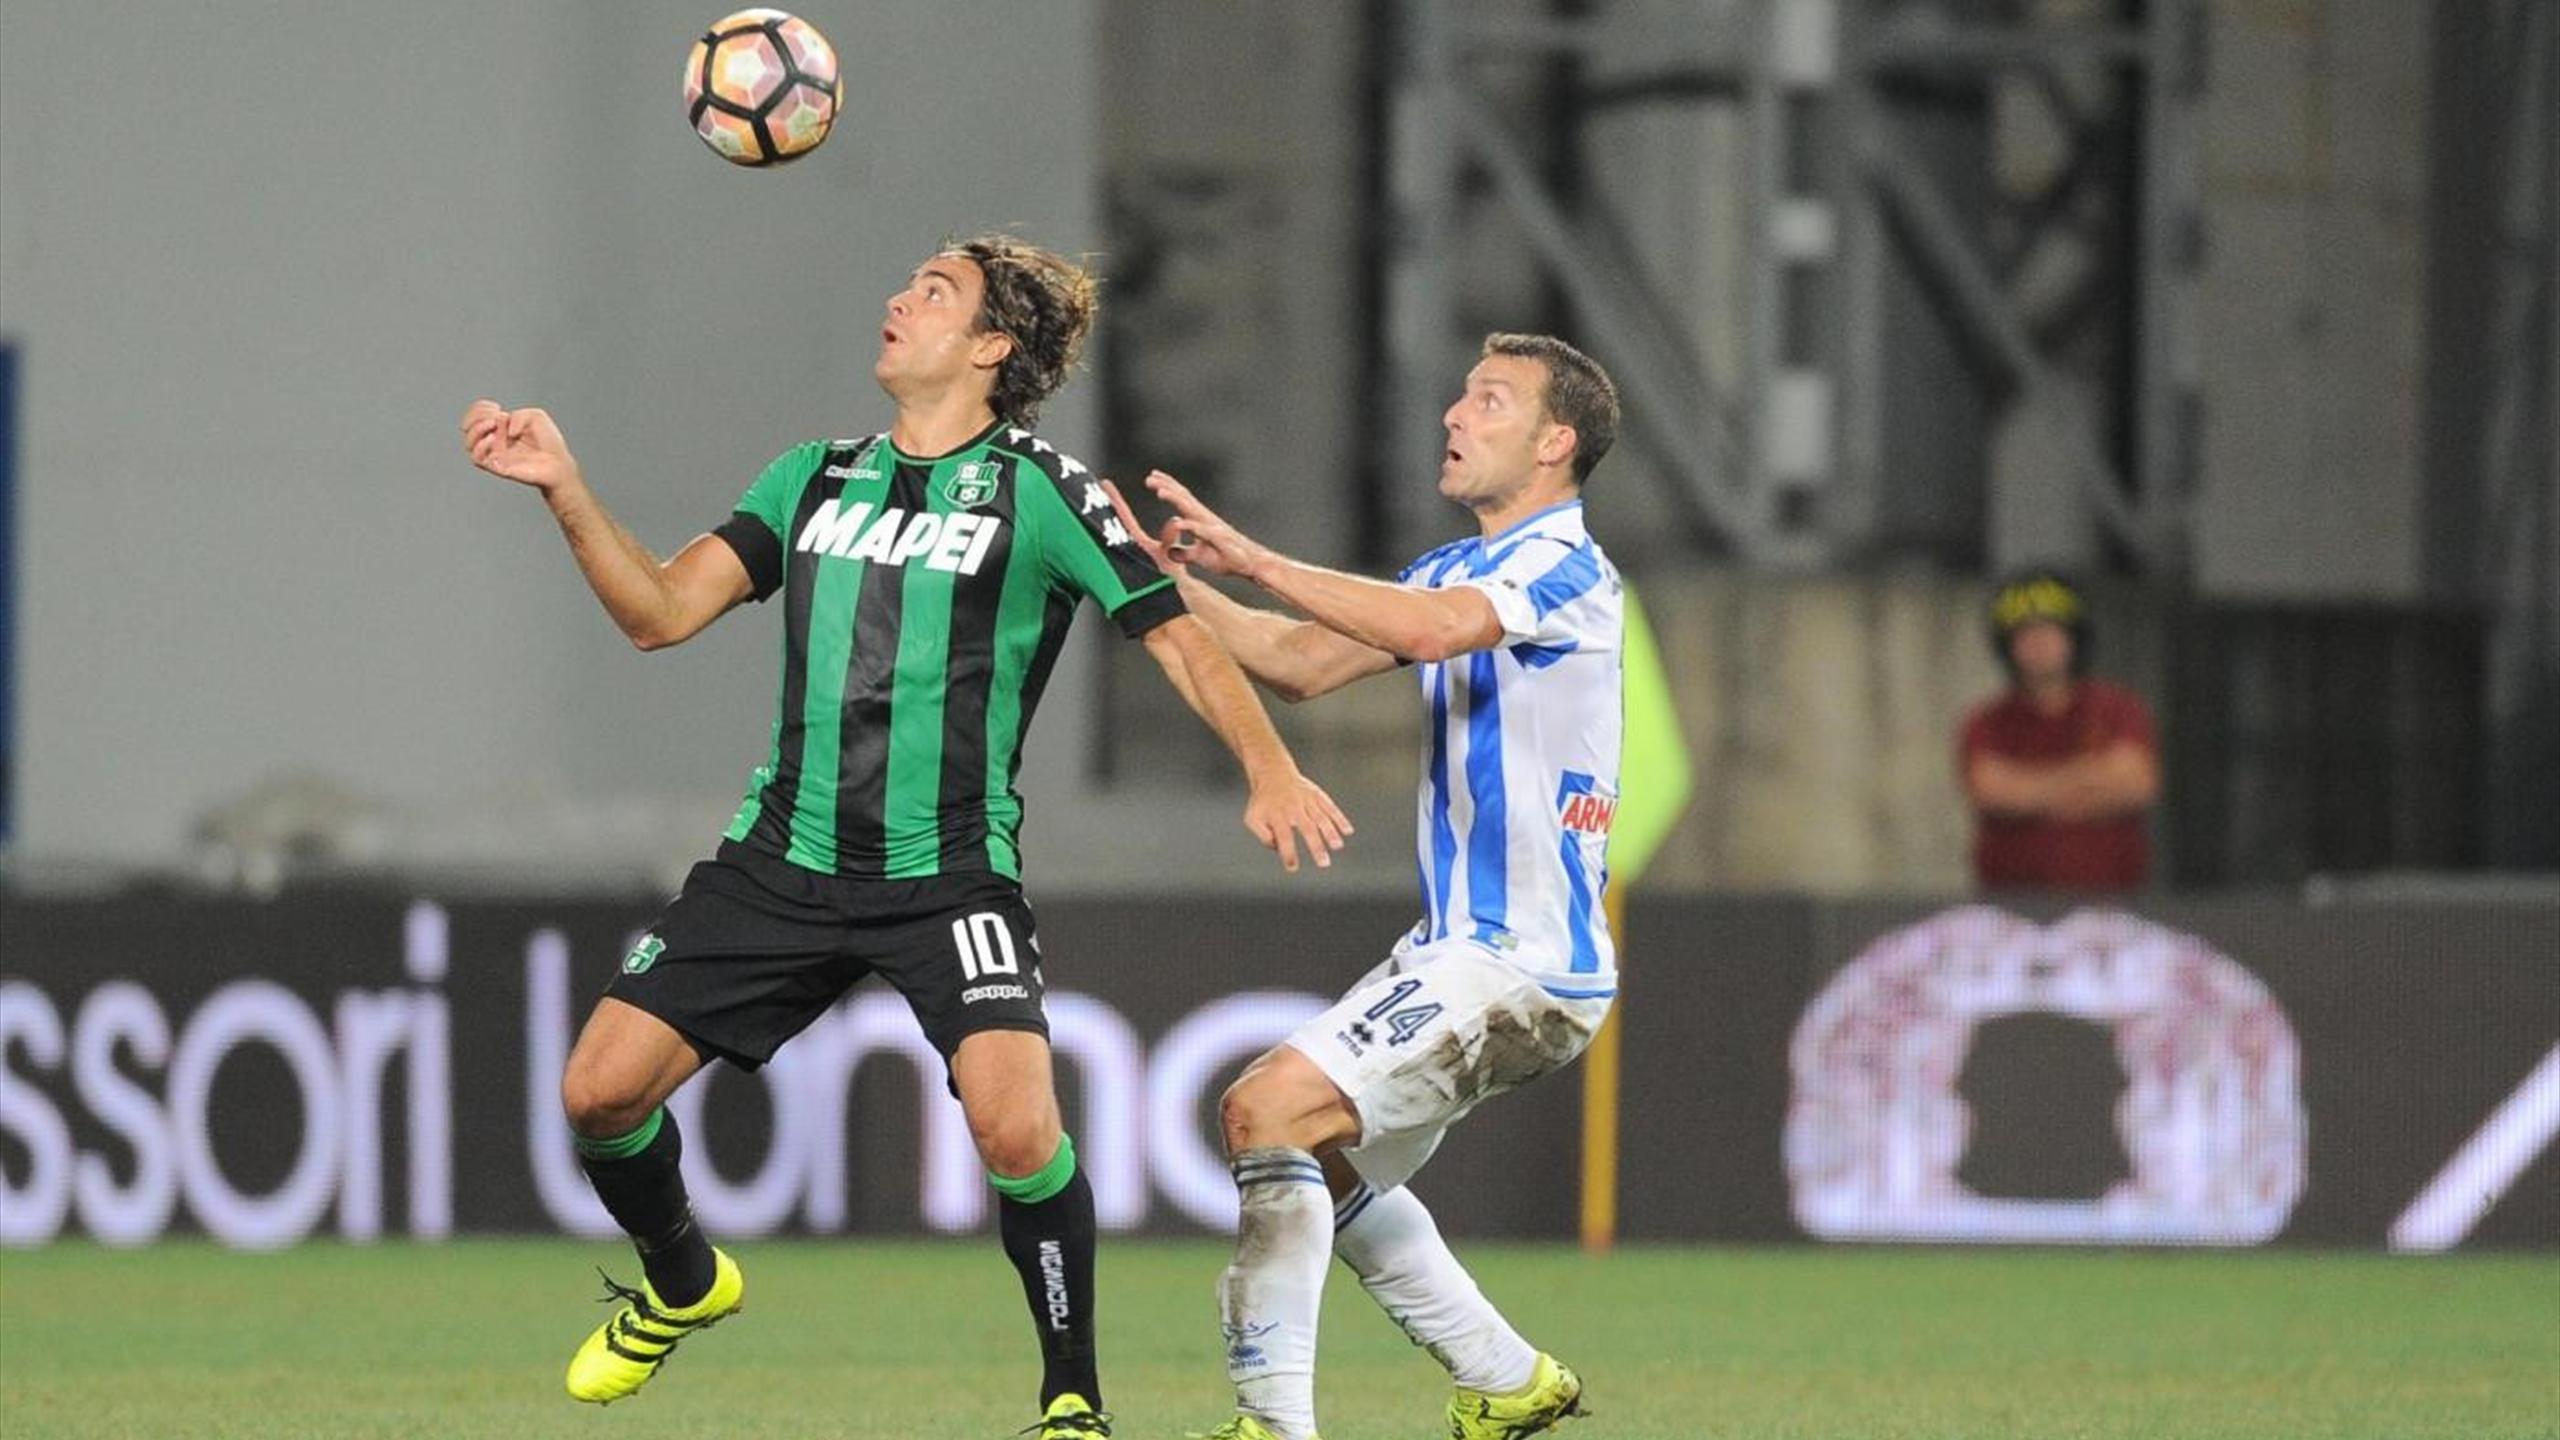 Matri Campagnaro - Sassuolo-Pescara - Serie A 2016/2017 - LaPresse